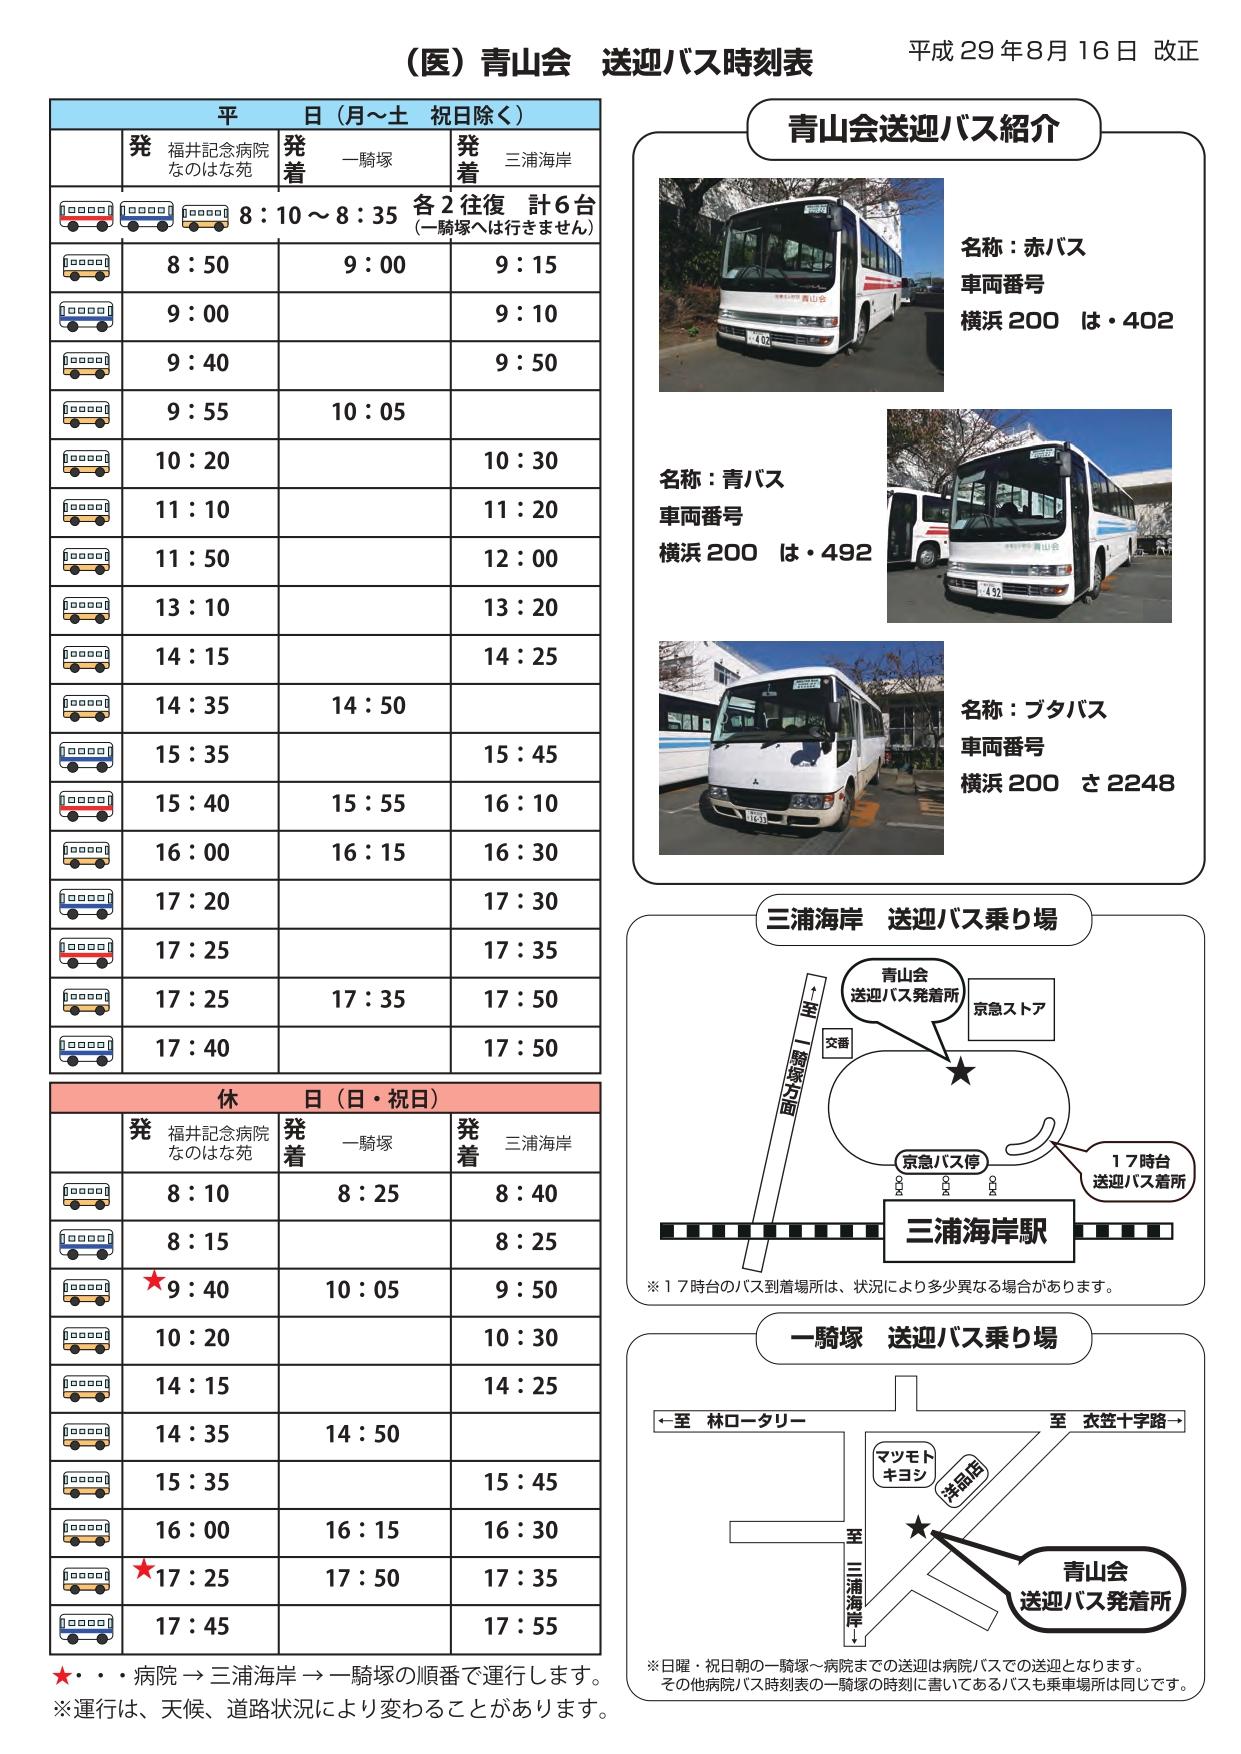 法人送迎バス(無料)時刻表